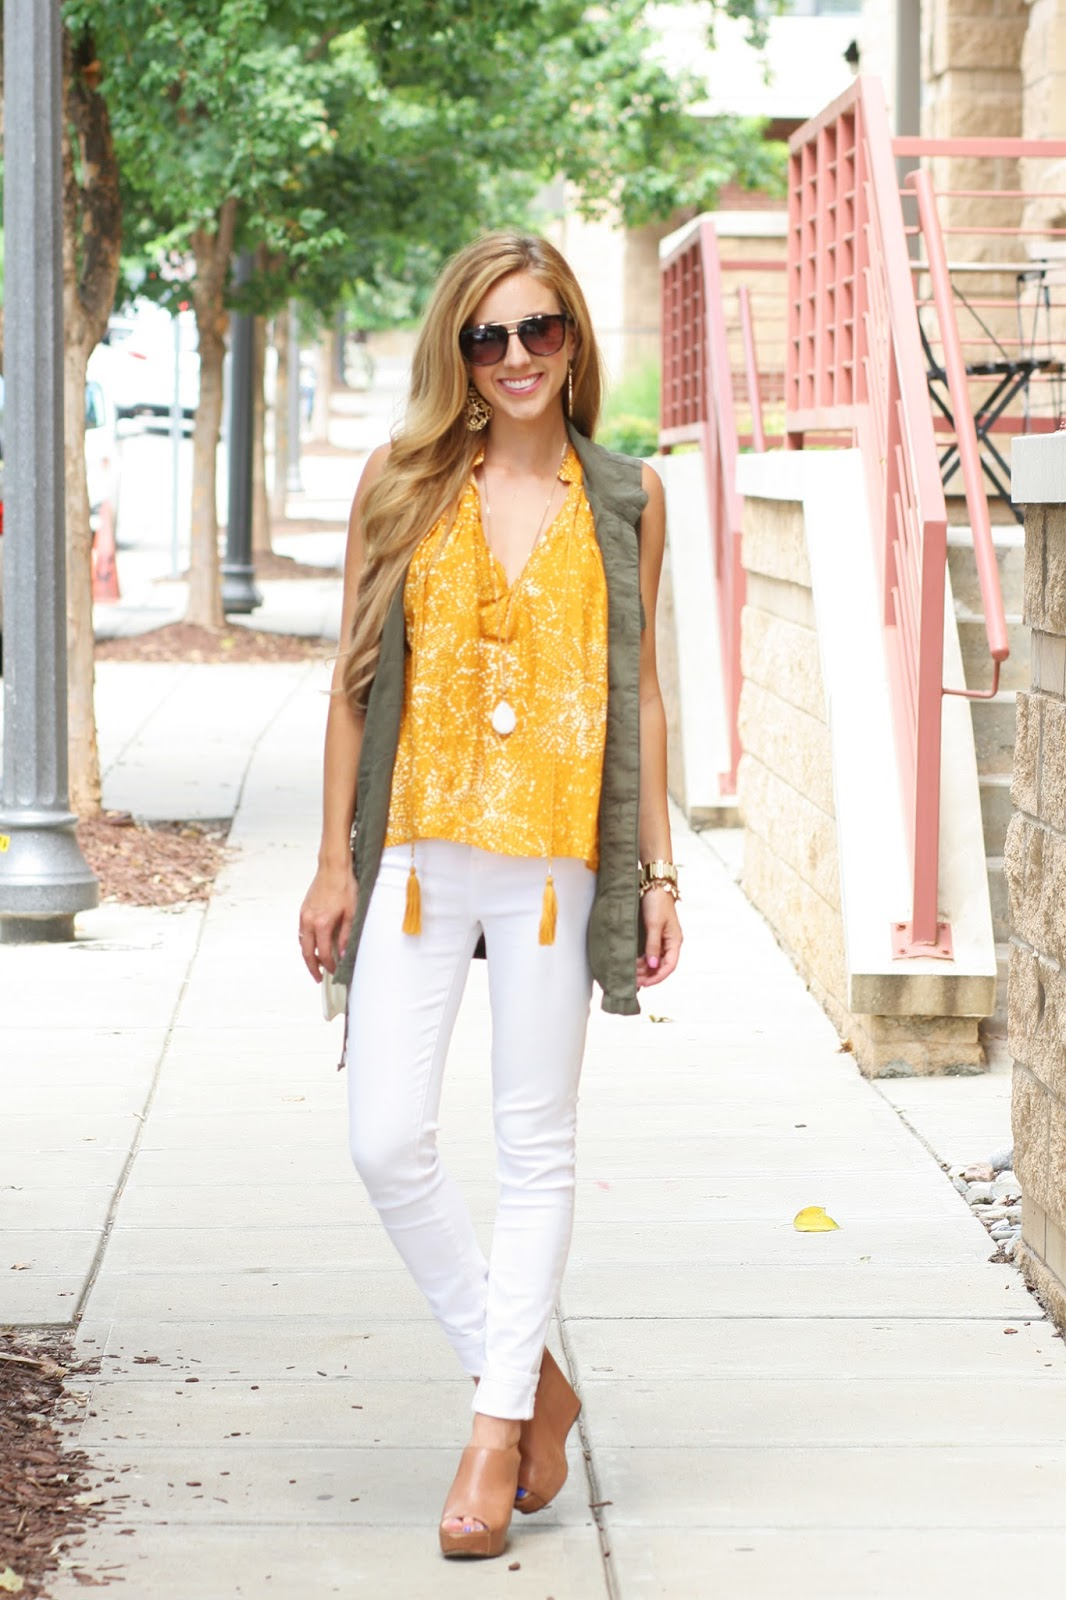 Sara-kate-styling-Steadman-raleigh-nc-fashion-blogger-frill-shark-tank-